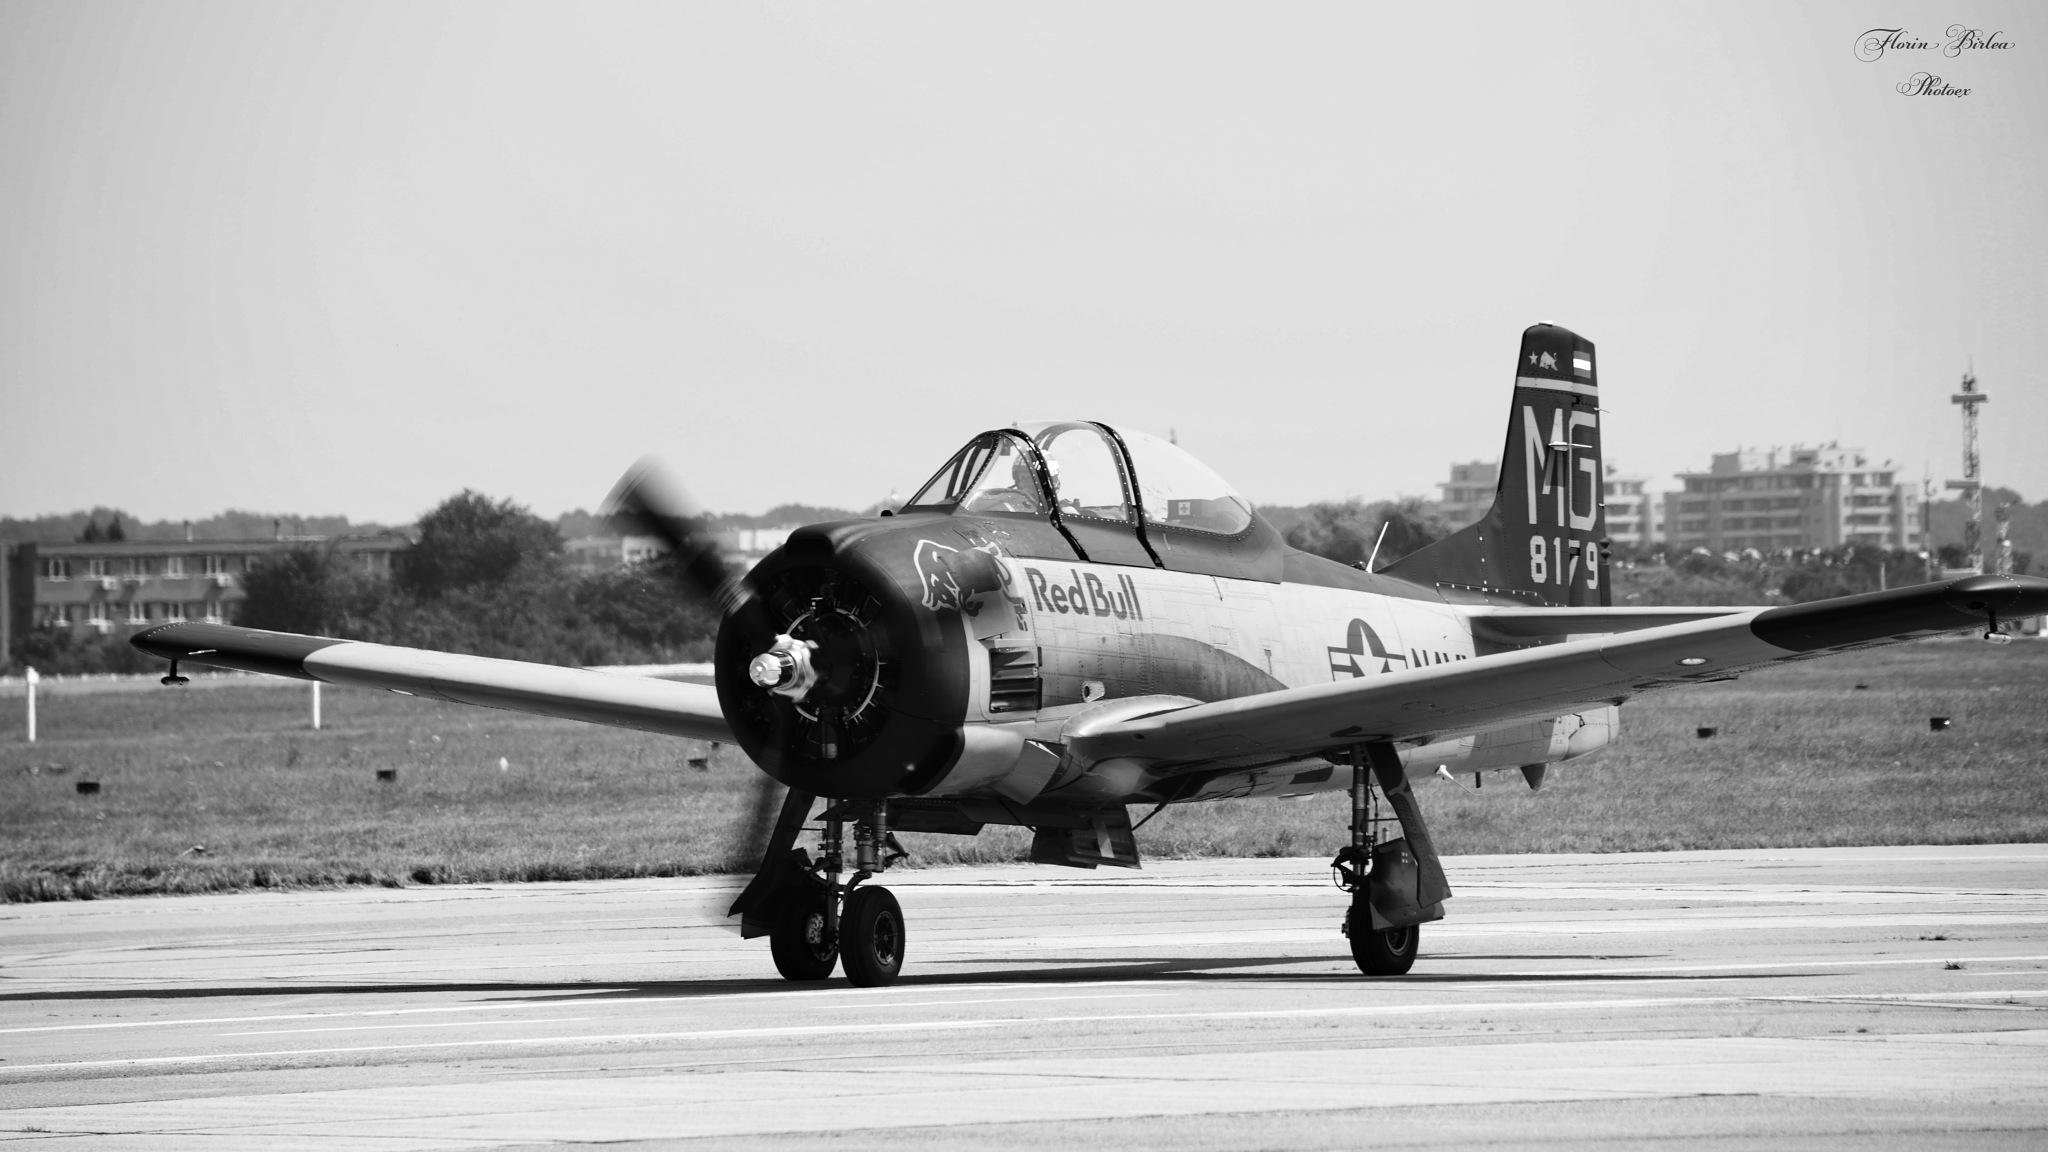 Air show by Florian B